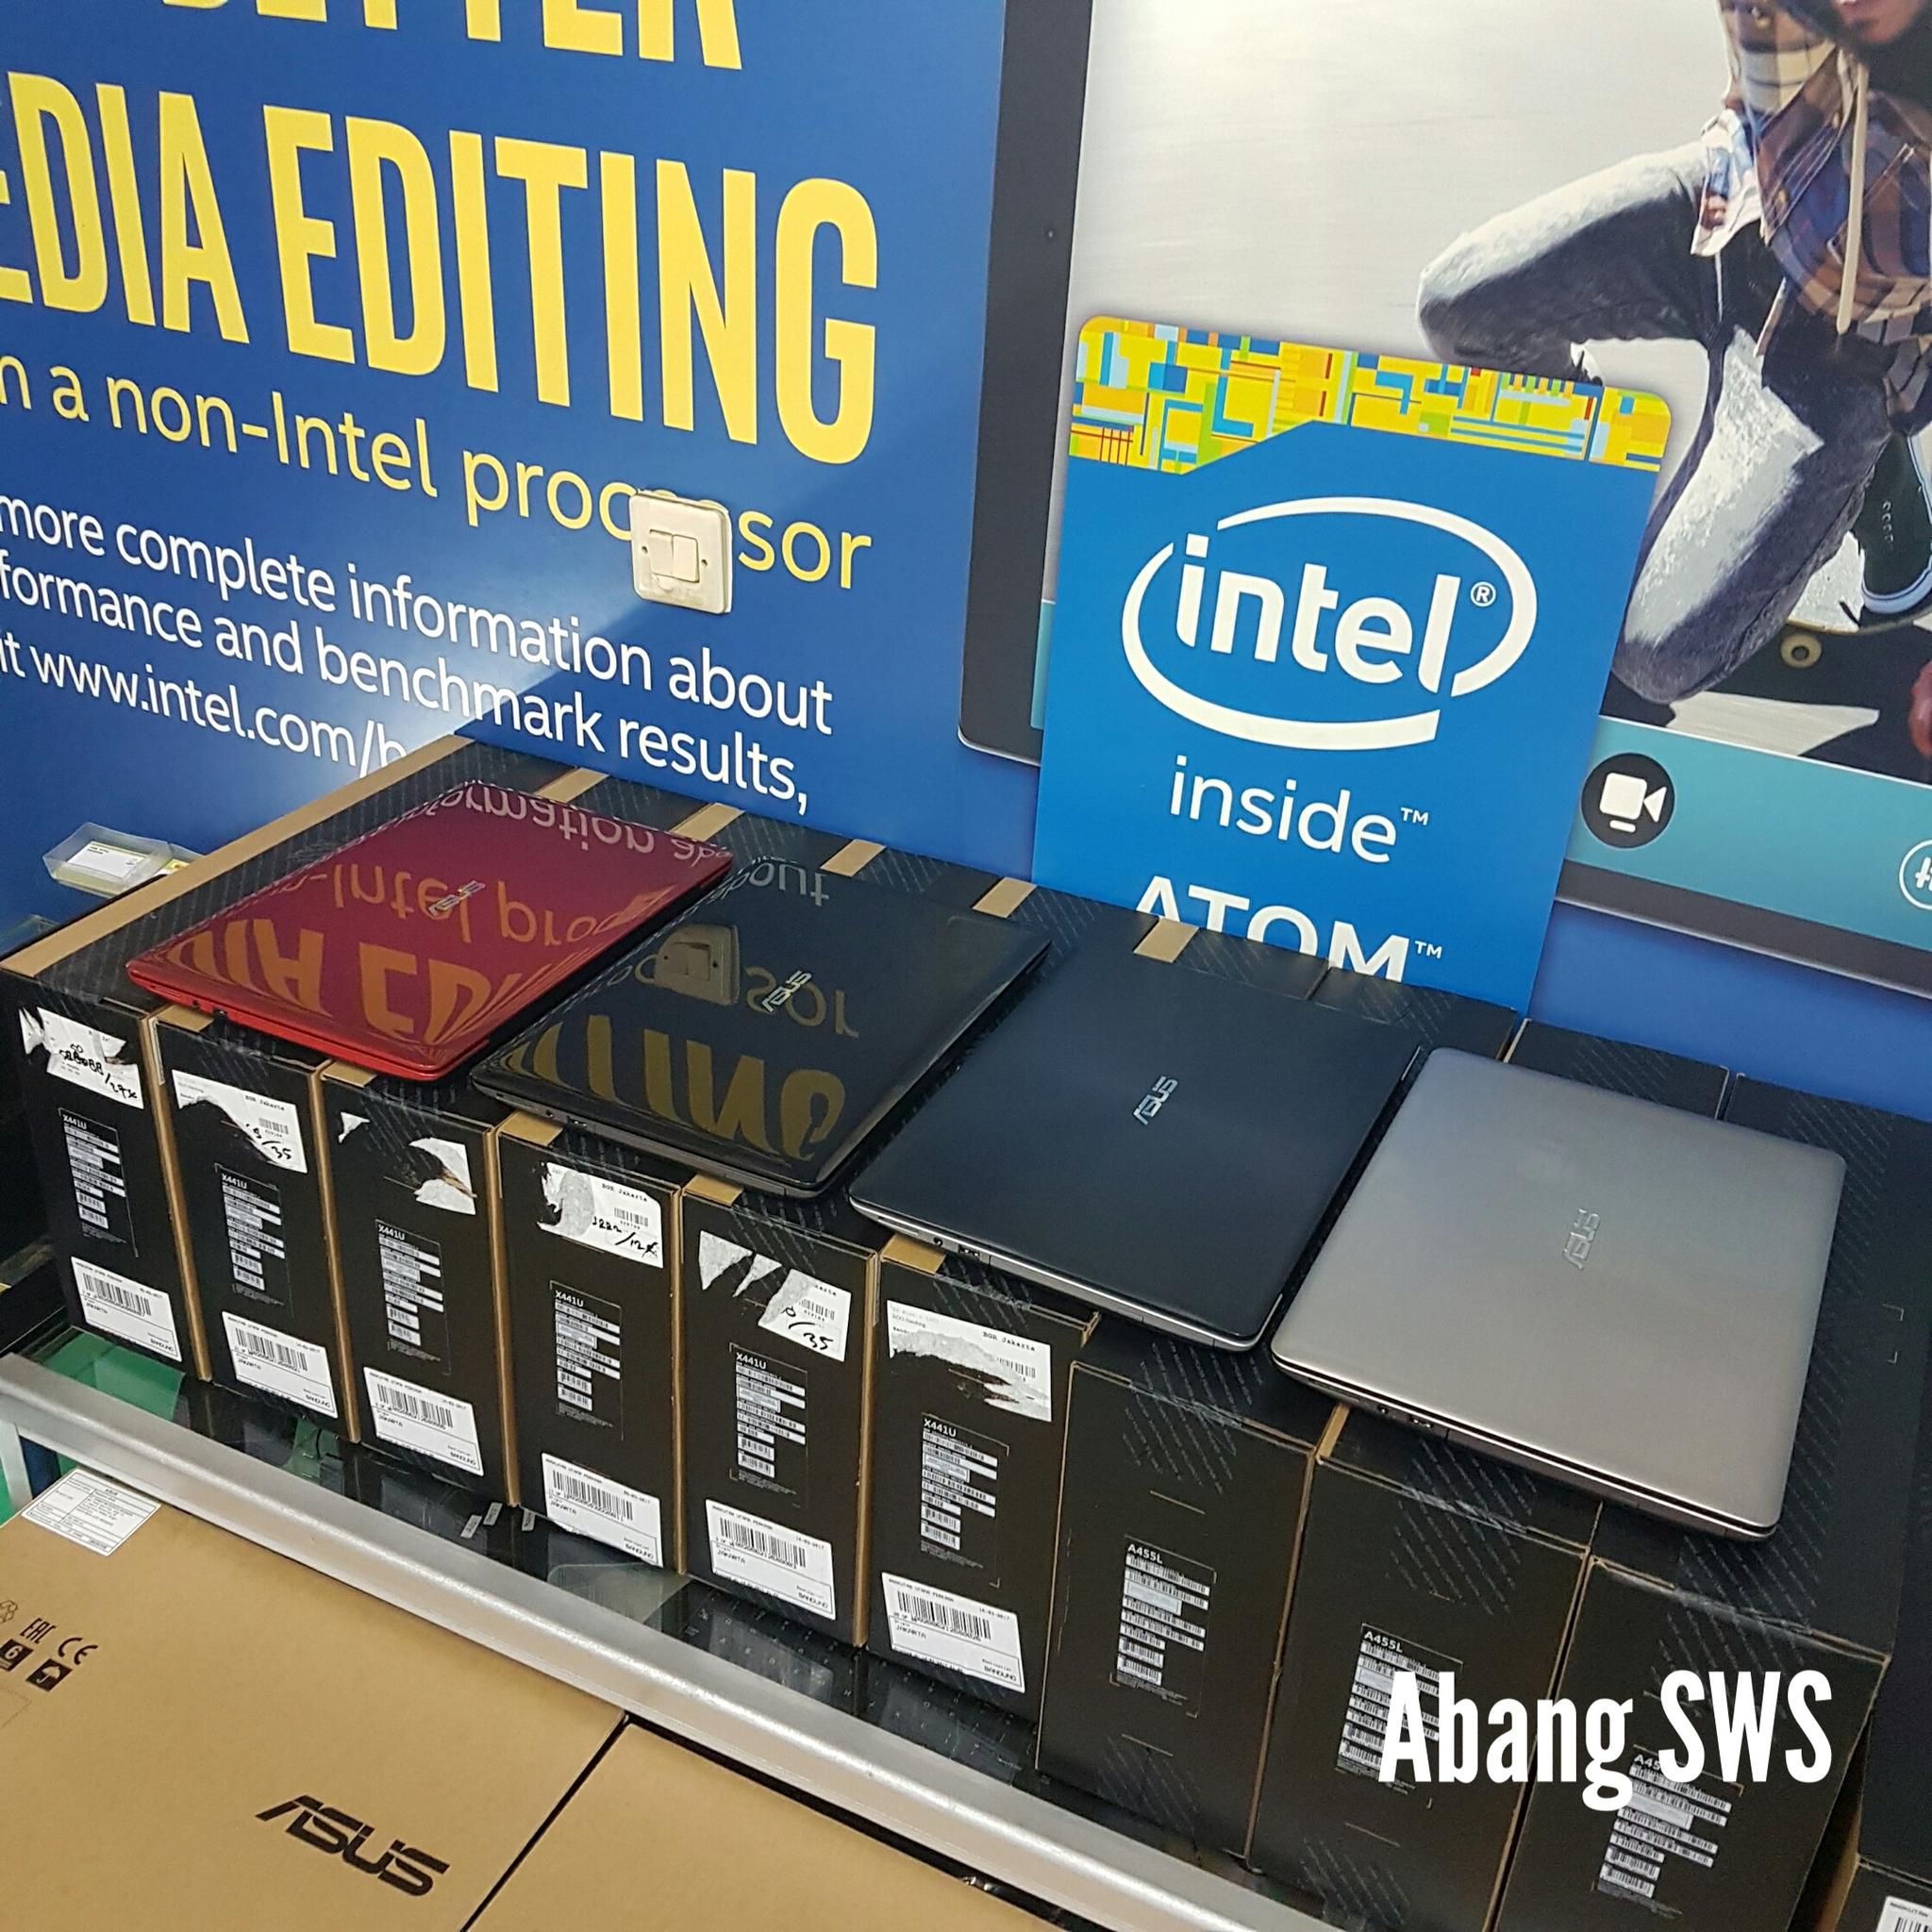 Promo Harga Asus A456u Intel Core I5 Gaming Notebook Youtube Update A456ur Ga092d Gold 7200u 14ampquot 4gb 1tb Gt930mx 2gb Dos Jual New Resmi Sws Tokopedia